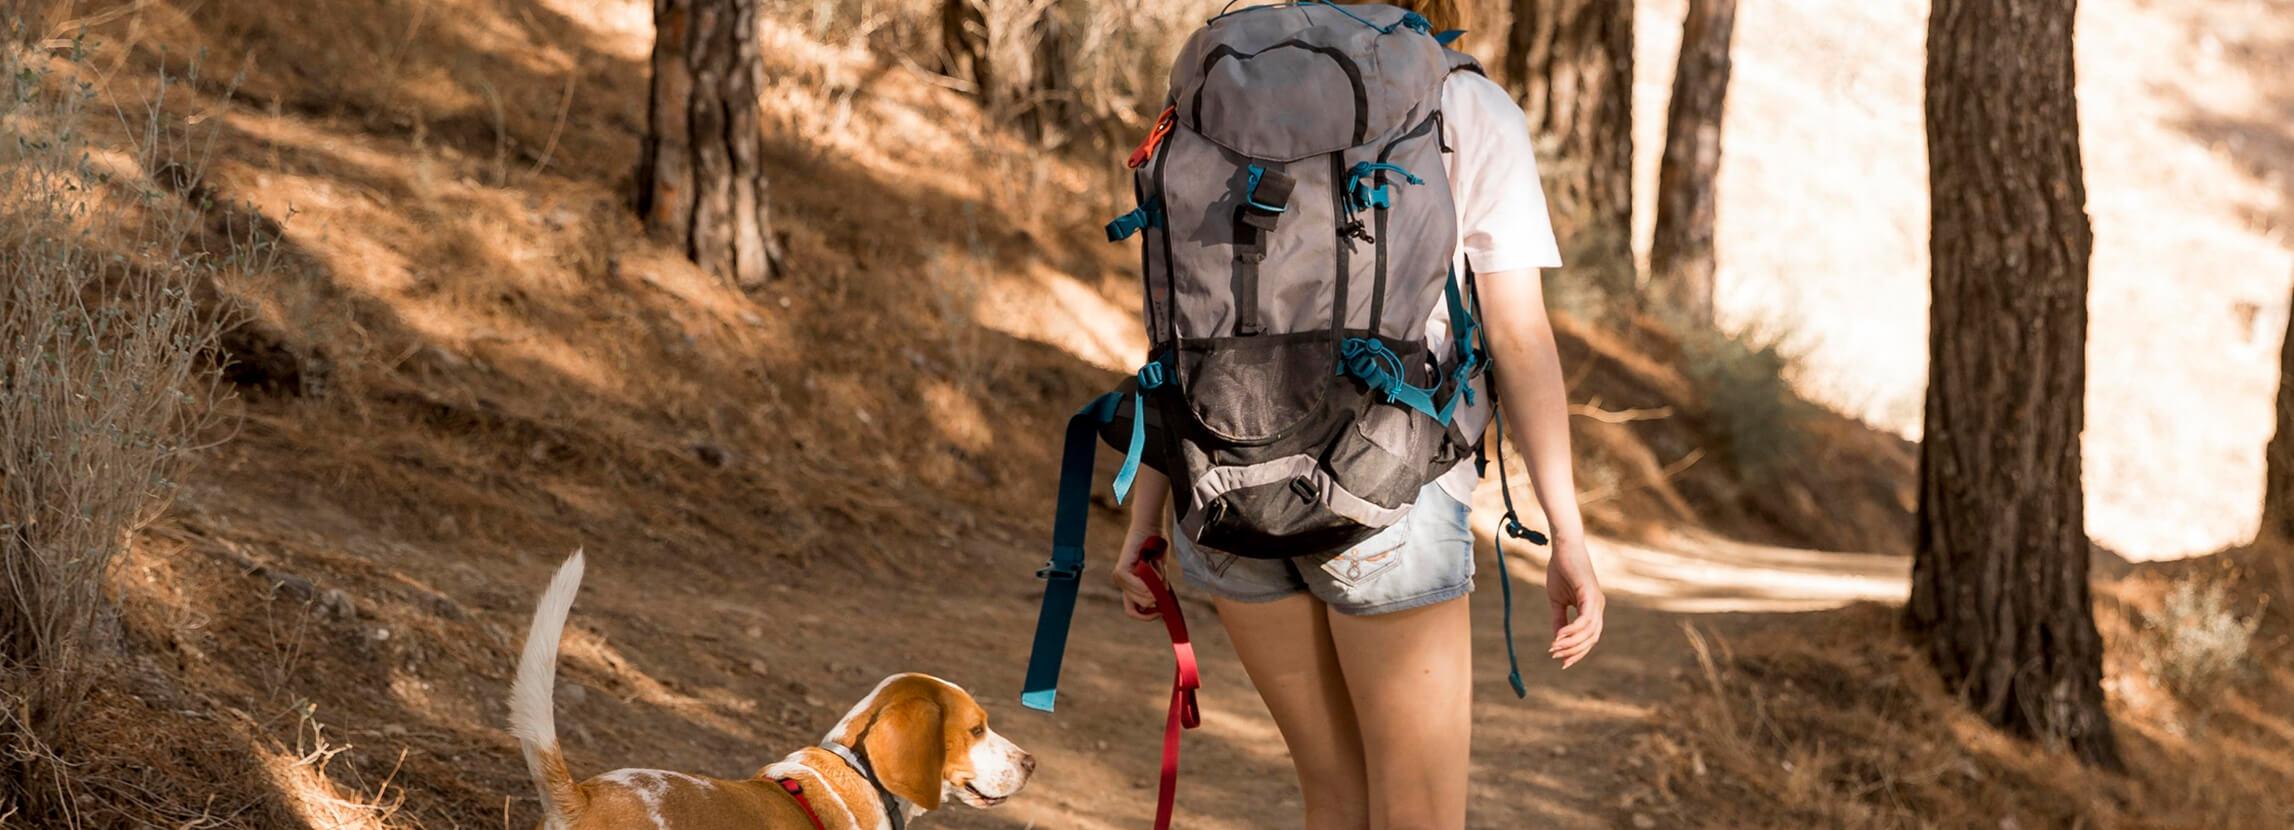 Spacer z psem - niezbędnik psiego spacerowicza